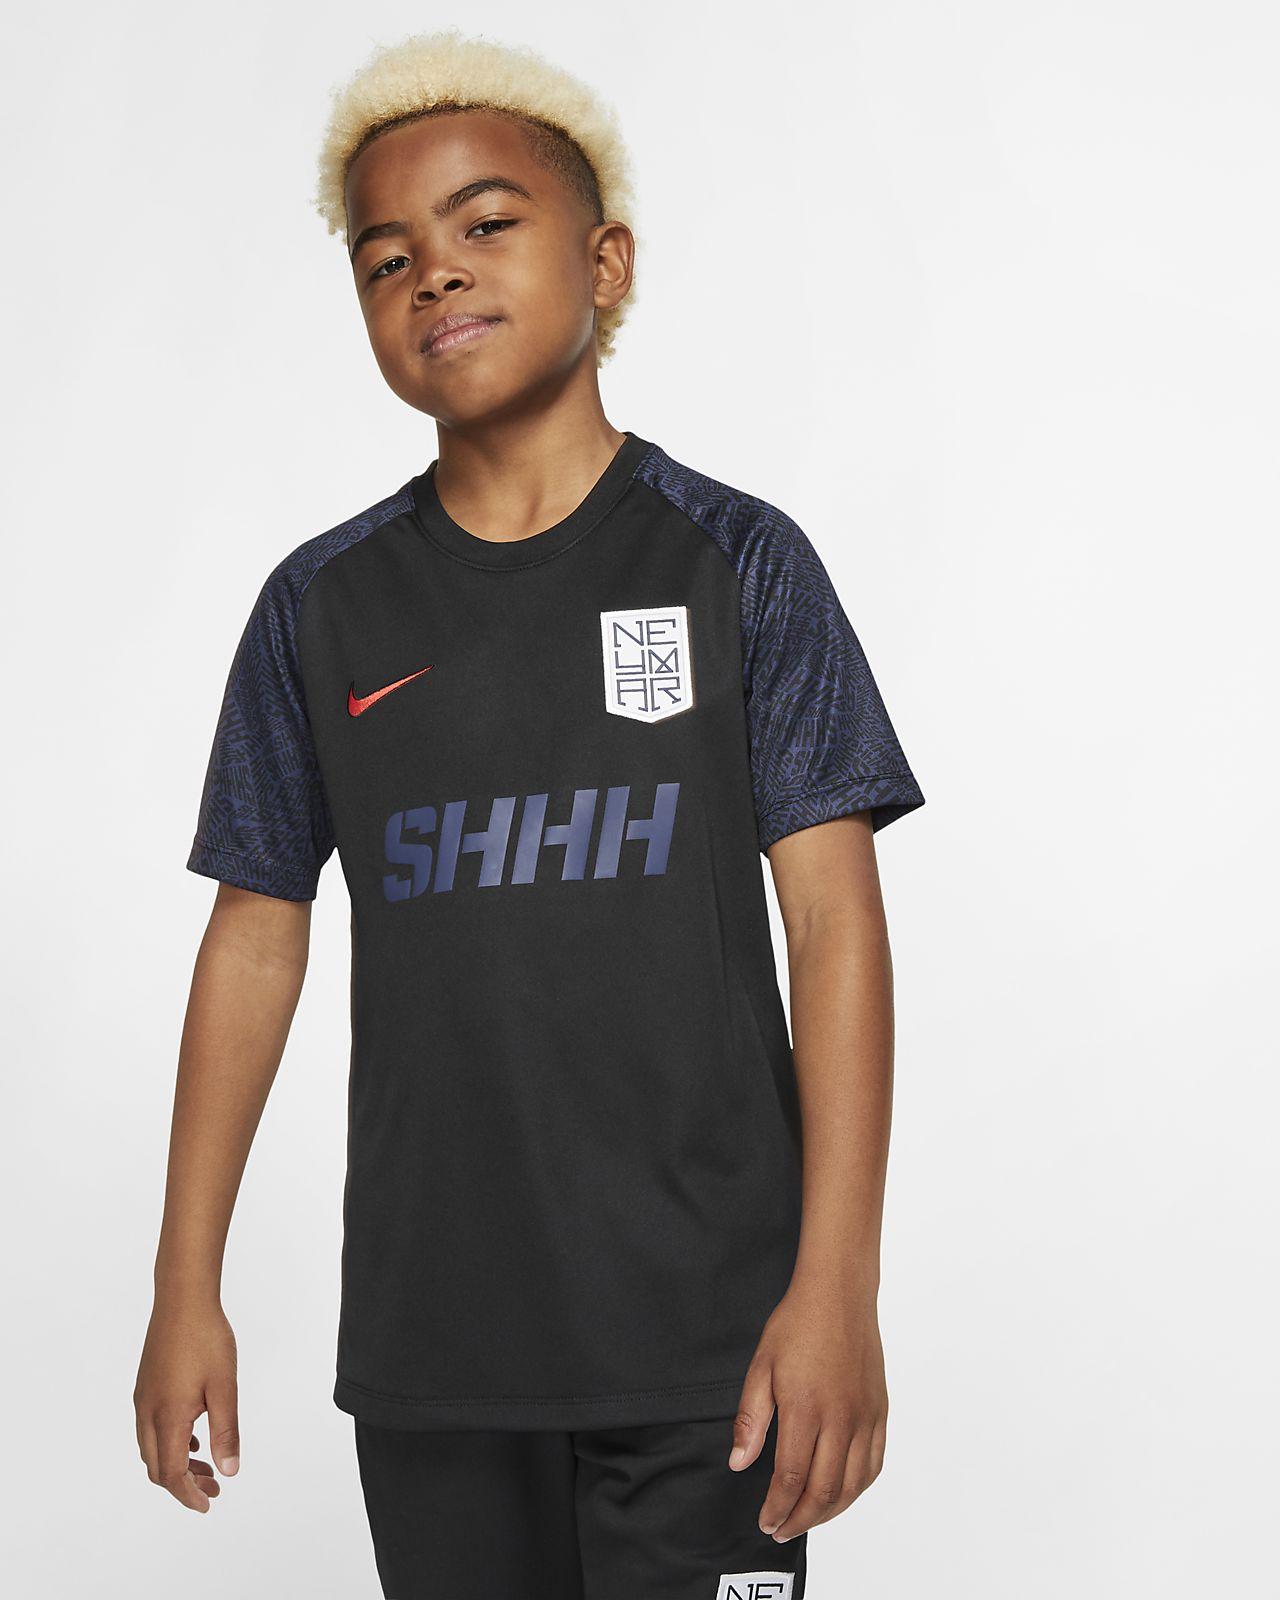 เสื้อฟุตบอลแขนสั้นเด็กโต Nike Dri-FIT Neymar Jr.